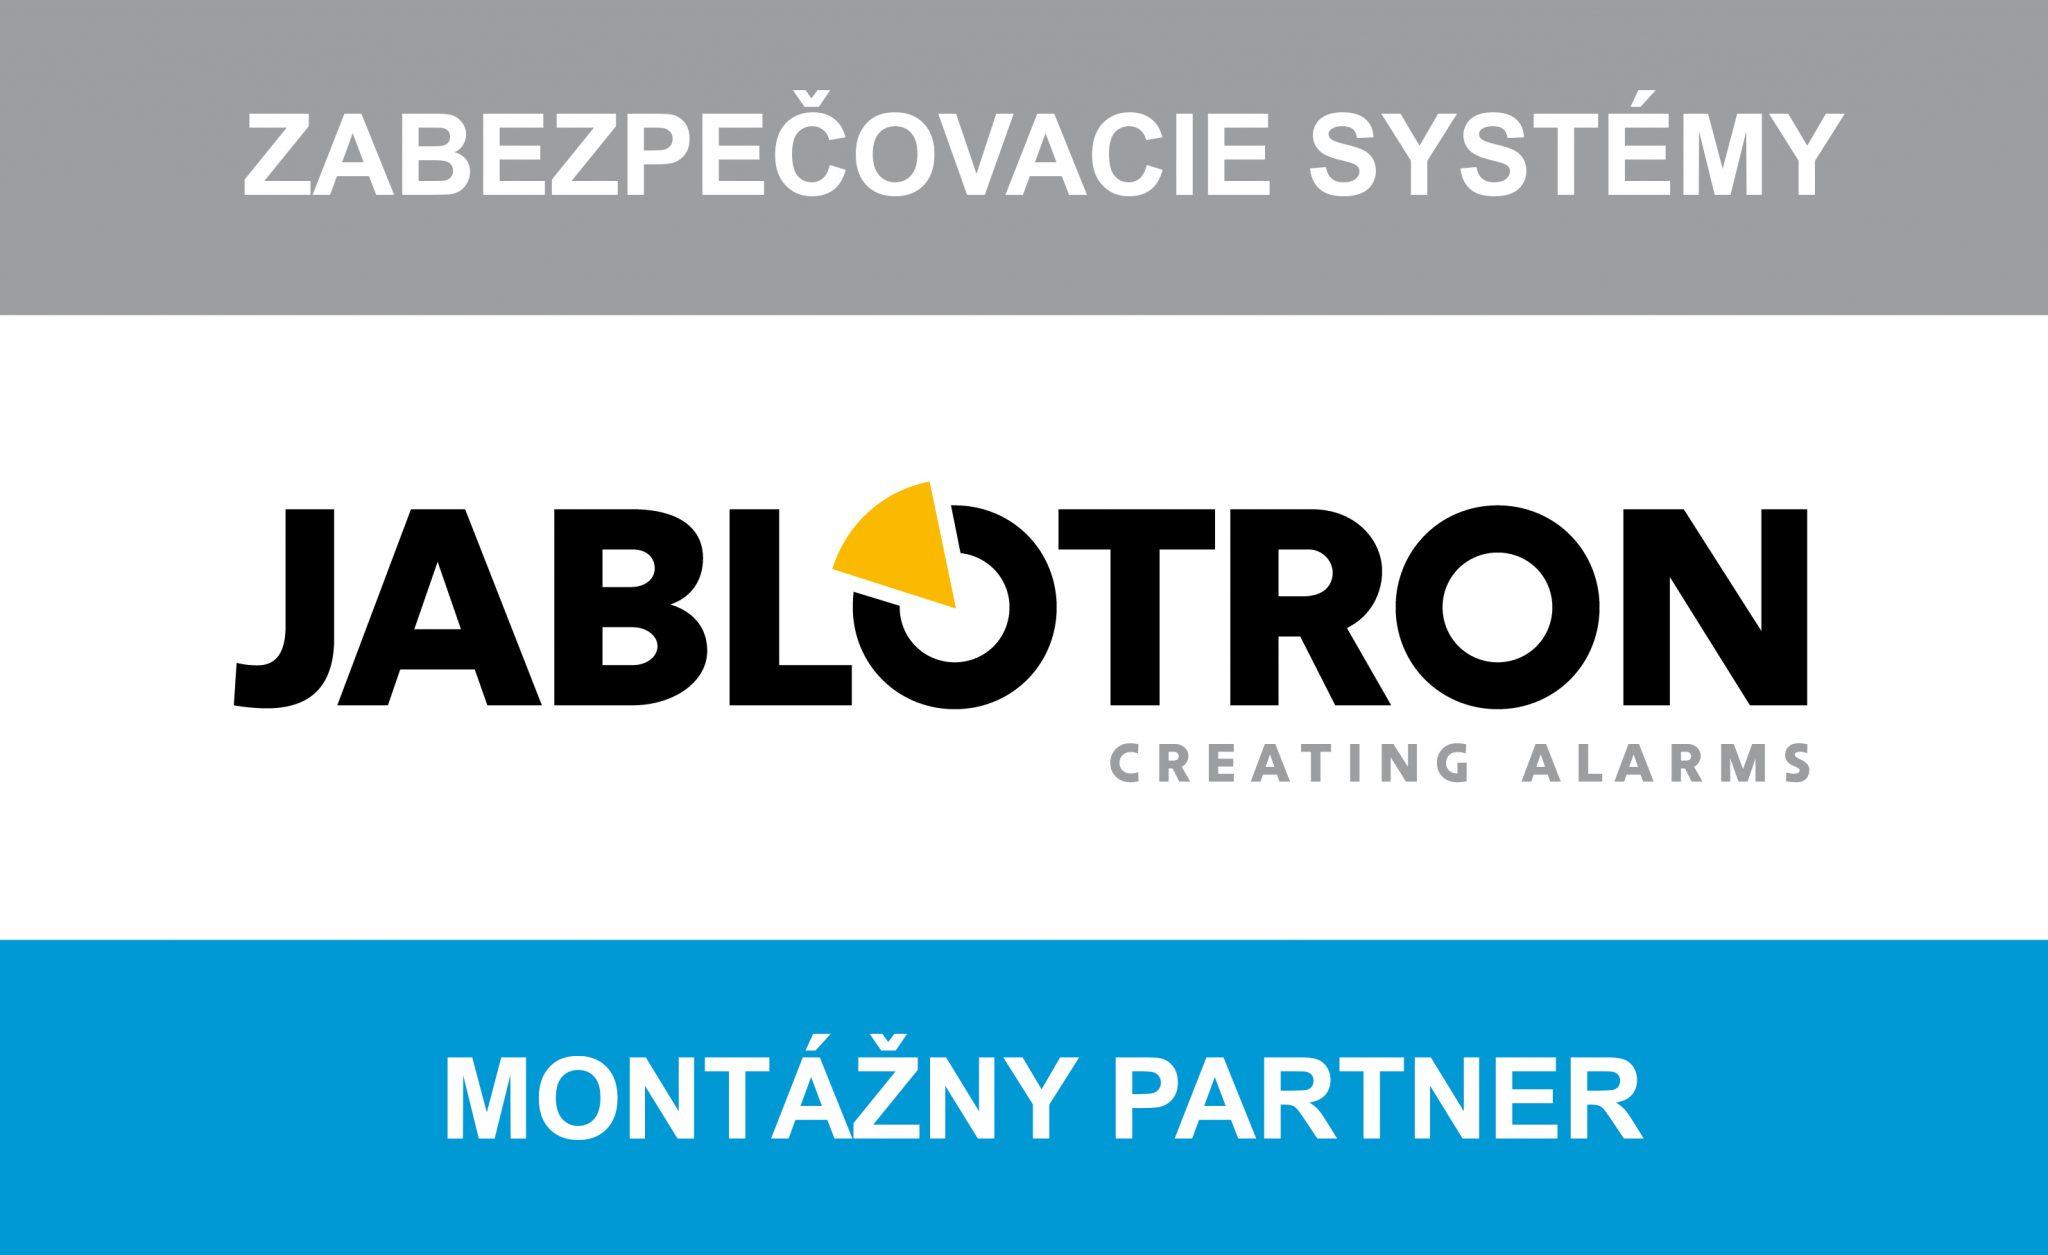 Zabezpečovaci system jablotron